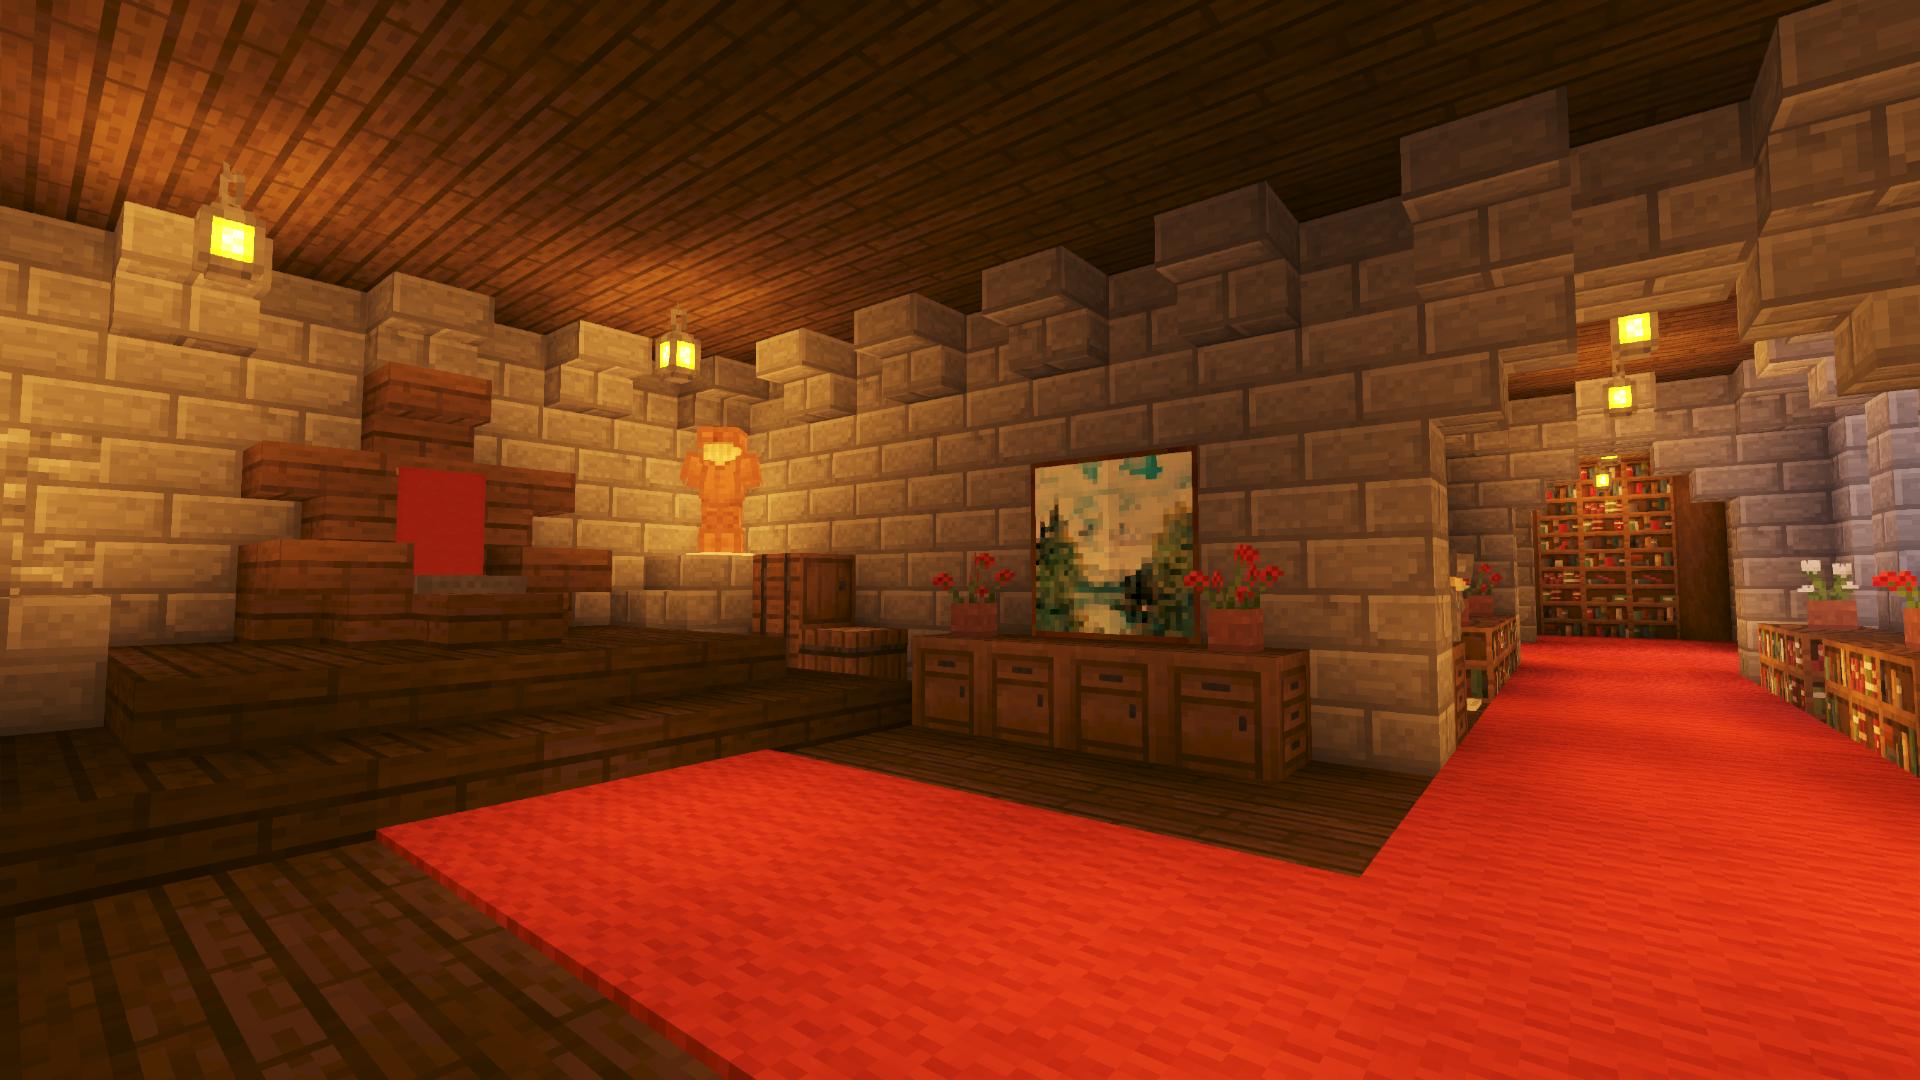 How To Build A Castle Minecraft Tutorial Medieval Castle Part 9 Bluenerd